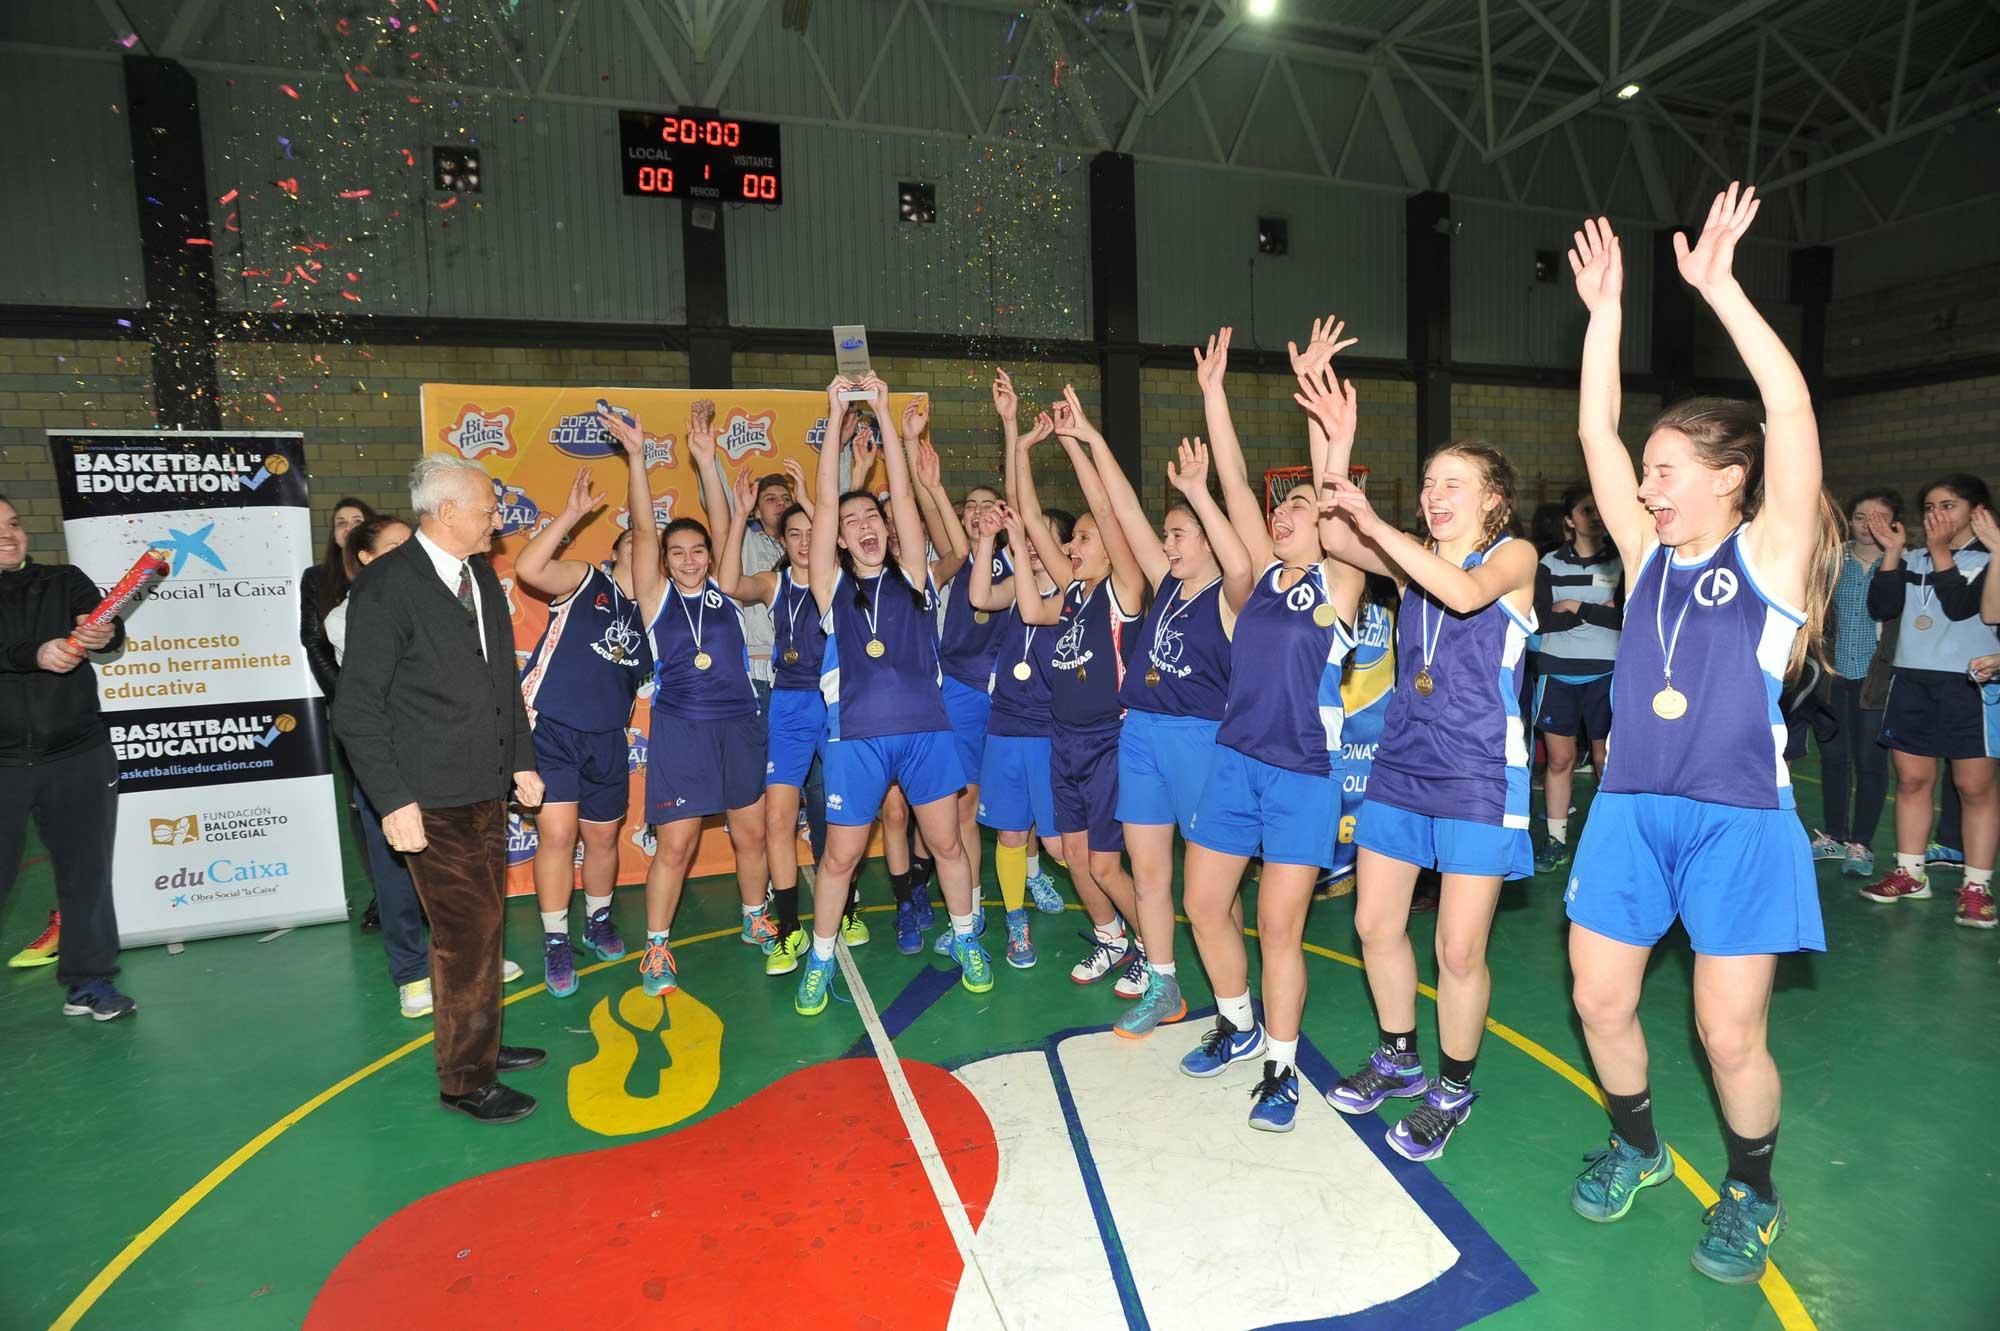 Colegio Agustinas, campeonas de la Copa-Colegial de baloncesto